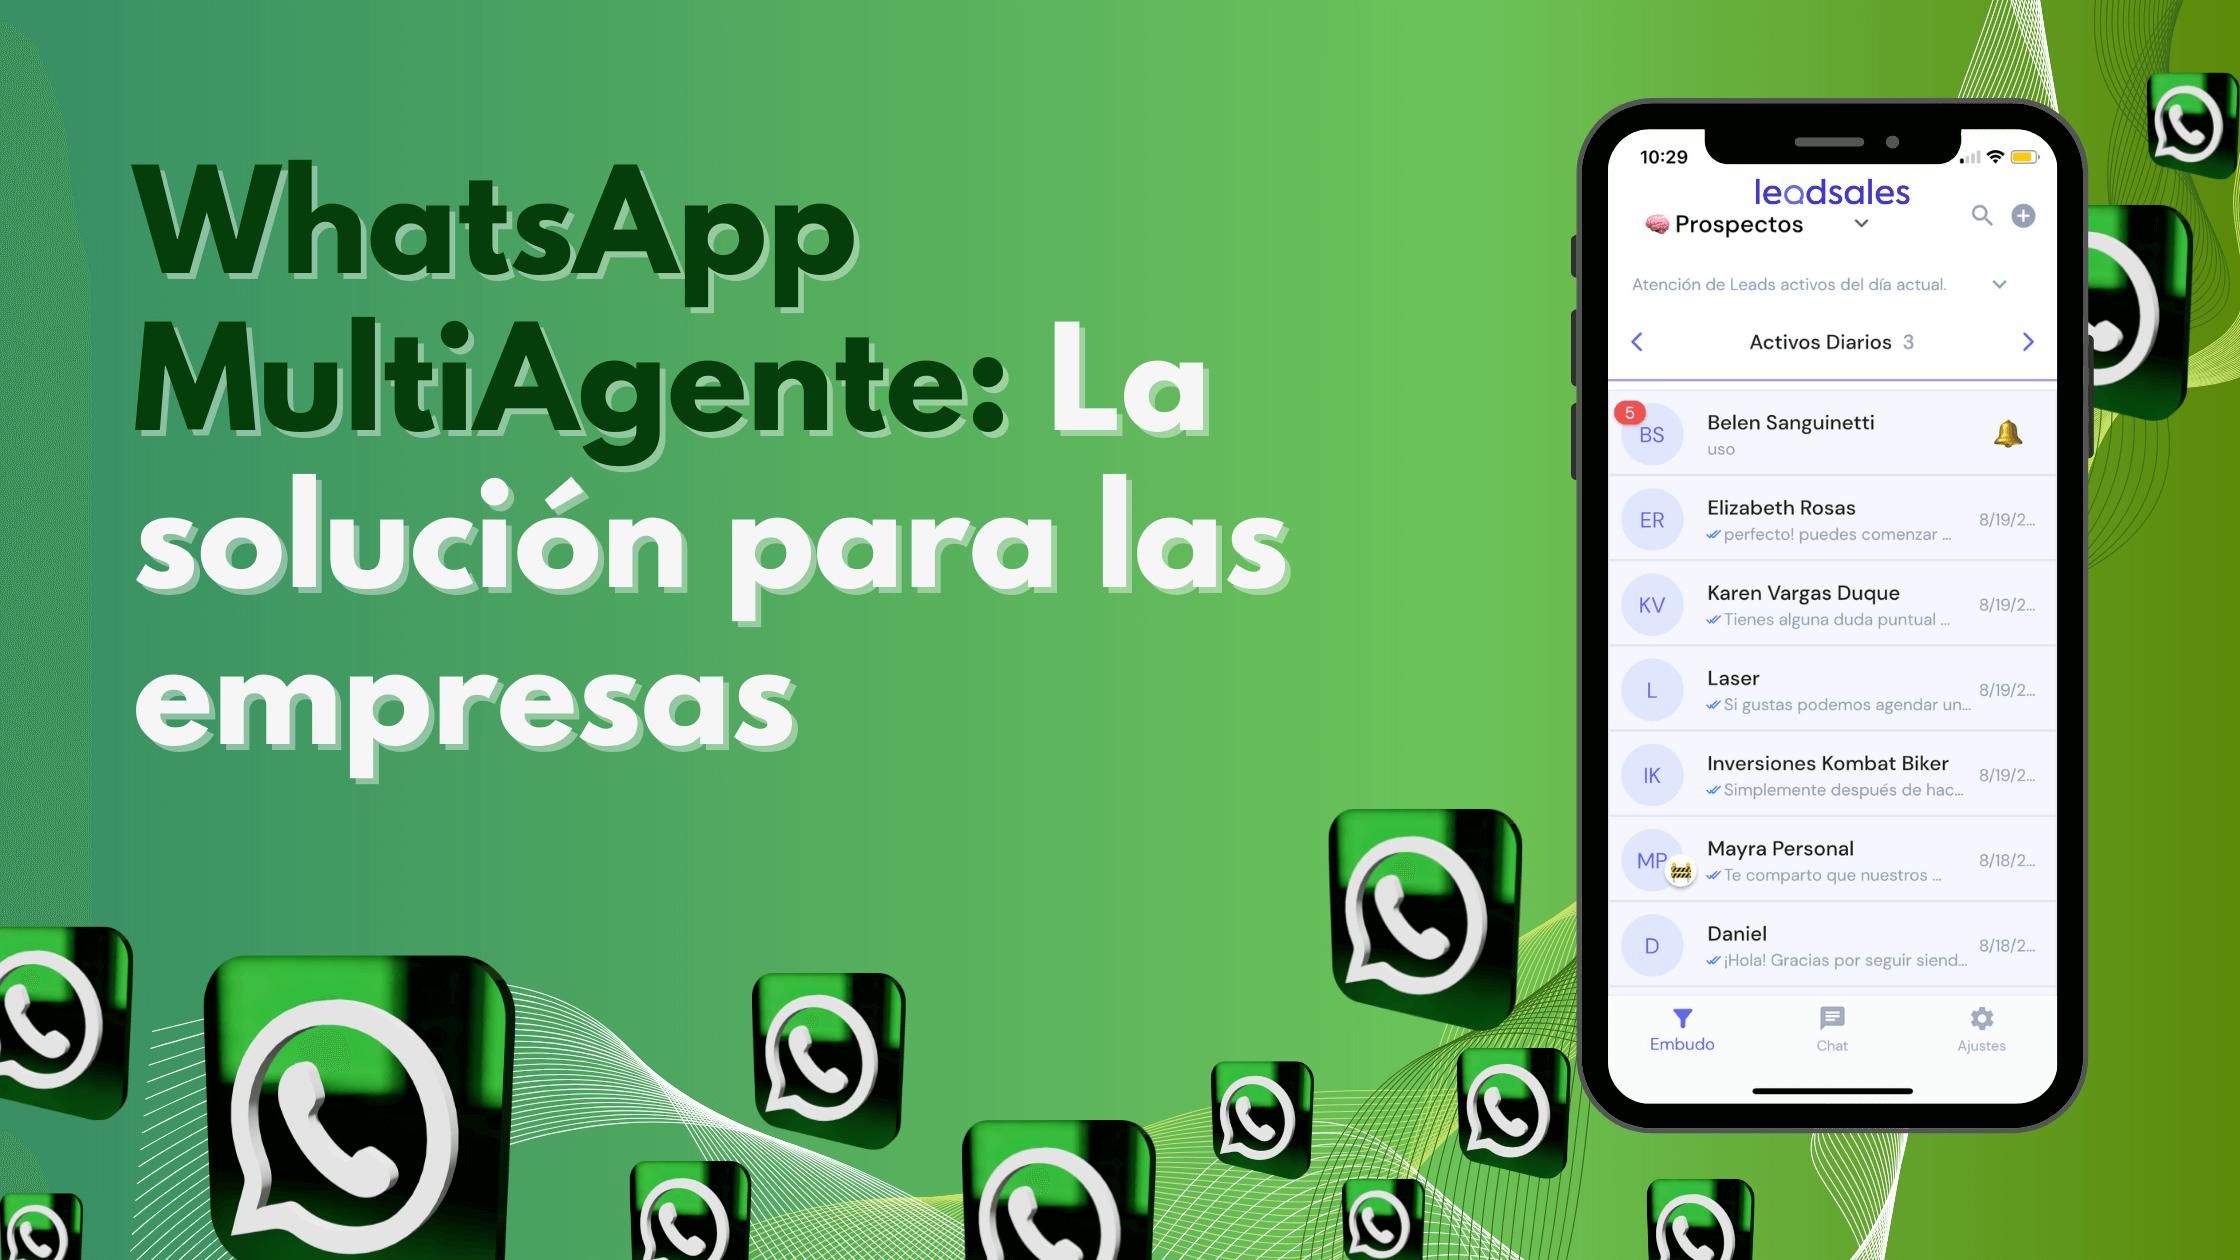 WhatsApp MultiAgente: La solución para las empresas.